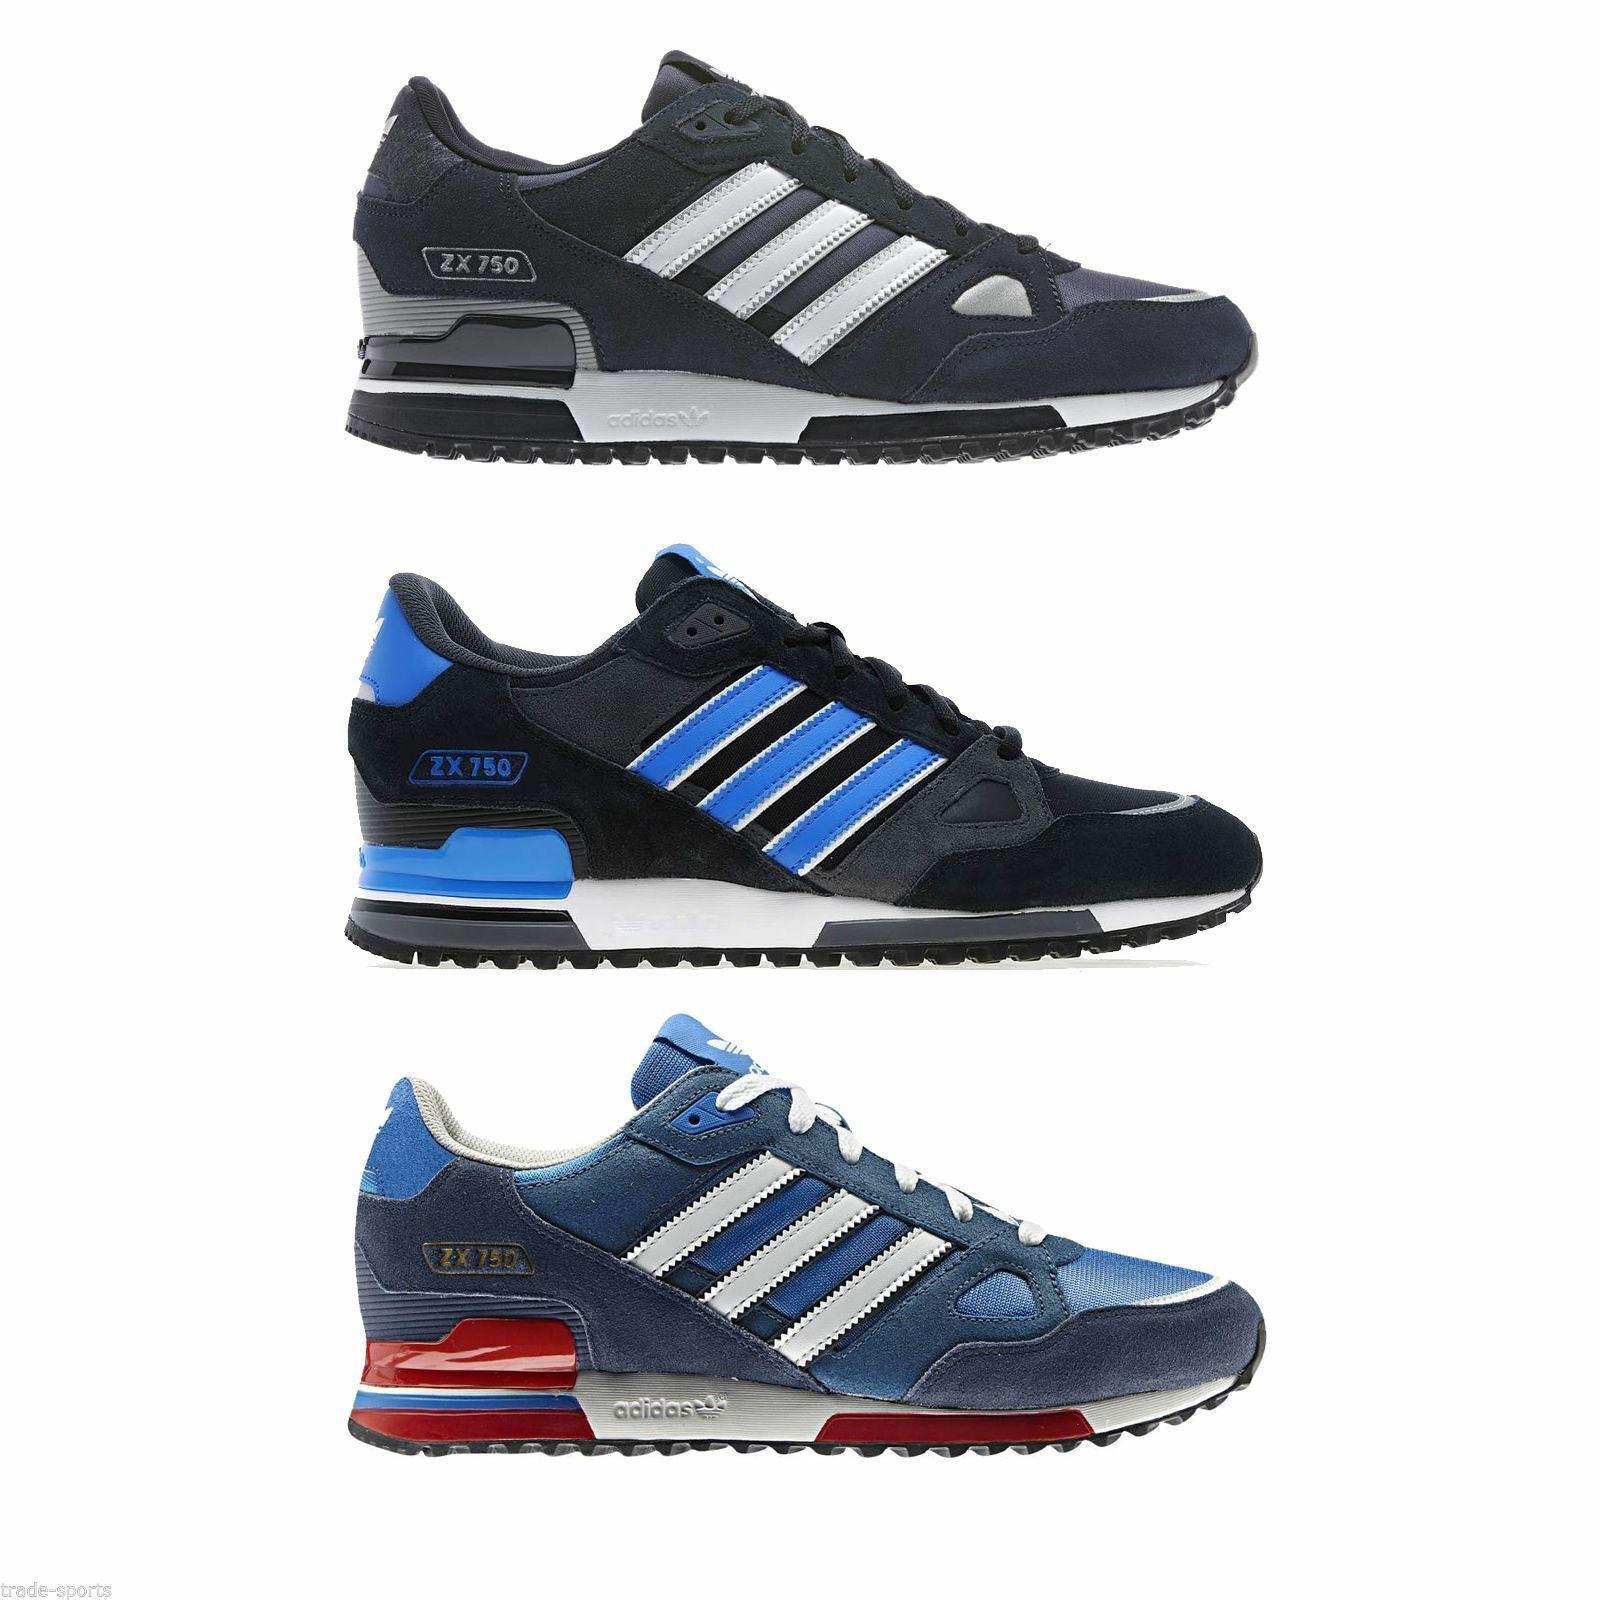 Adidas Originals Zx 750 M Sneaker Test Vergleich +++ Adidas